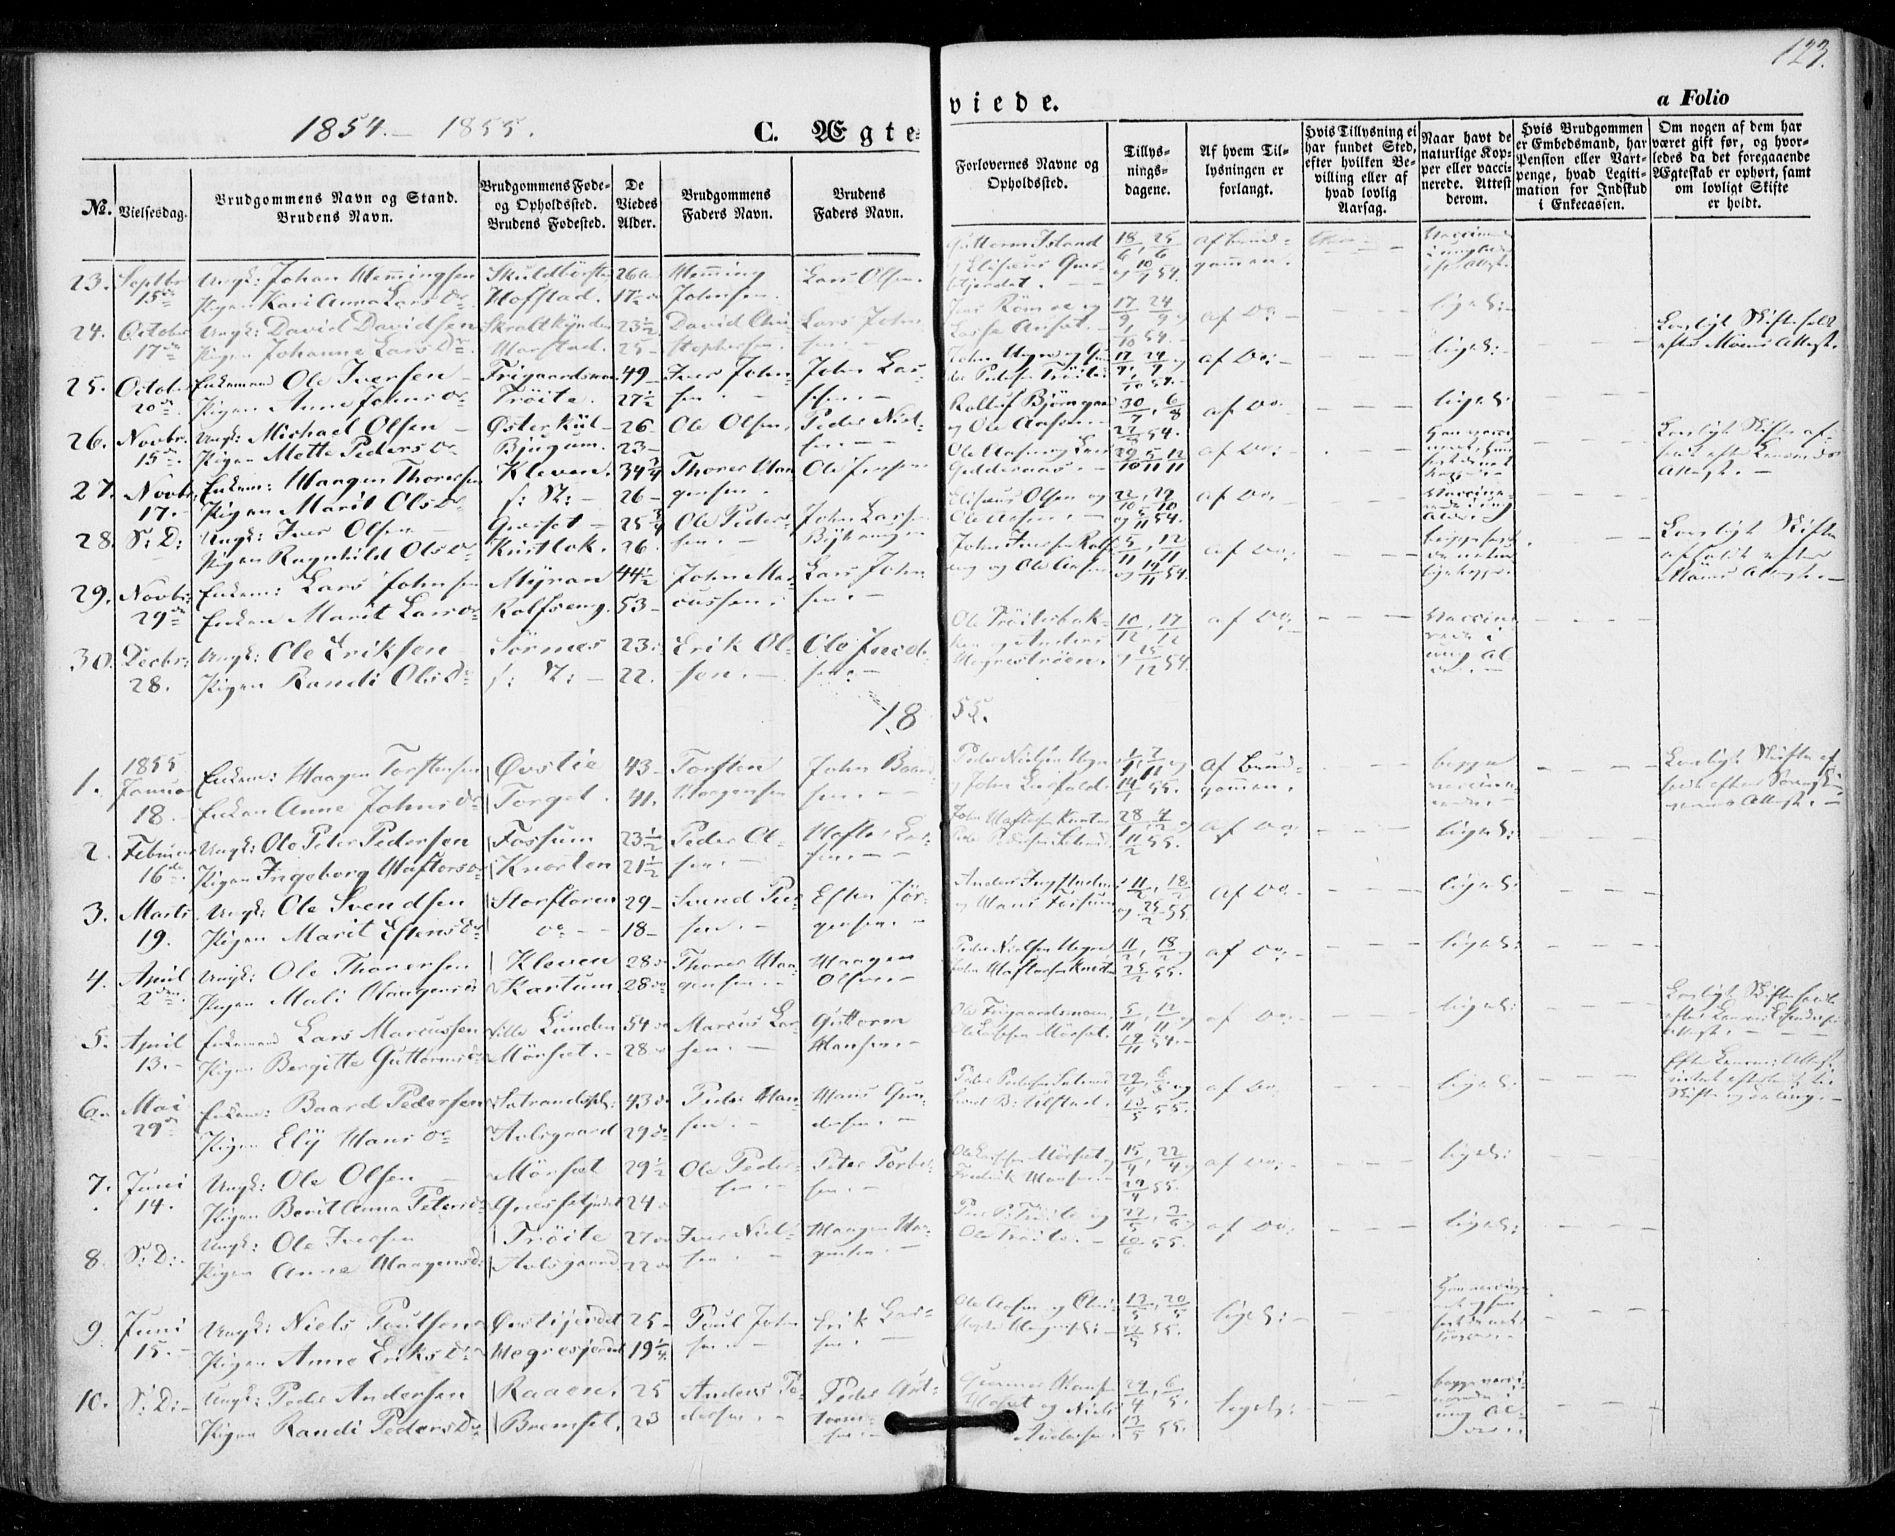 SAT, Ministerialprotokoller, klokkerbøker og fødselsregistre - Nord-Trøndelag, 703/L0028: Ministerialbok nr. 703A01, 1850-1862, s. 123